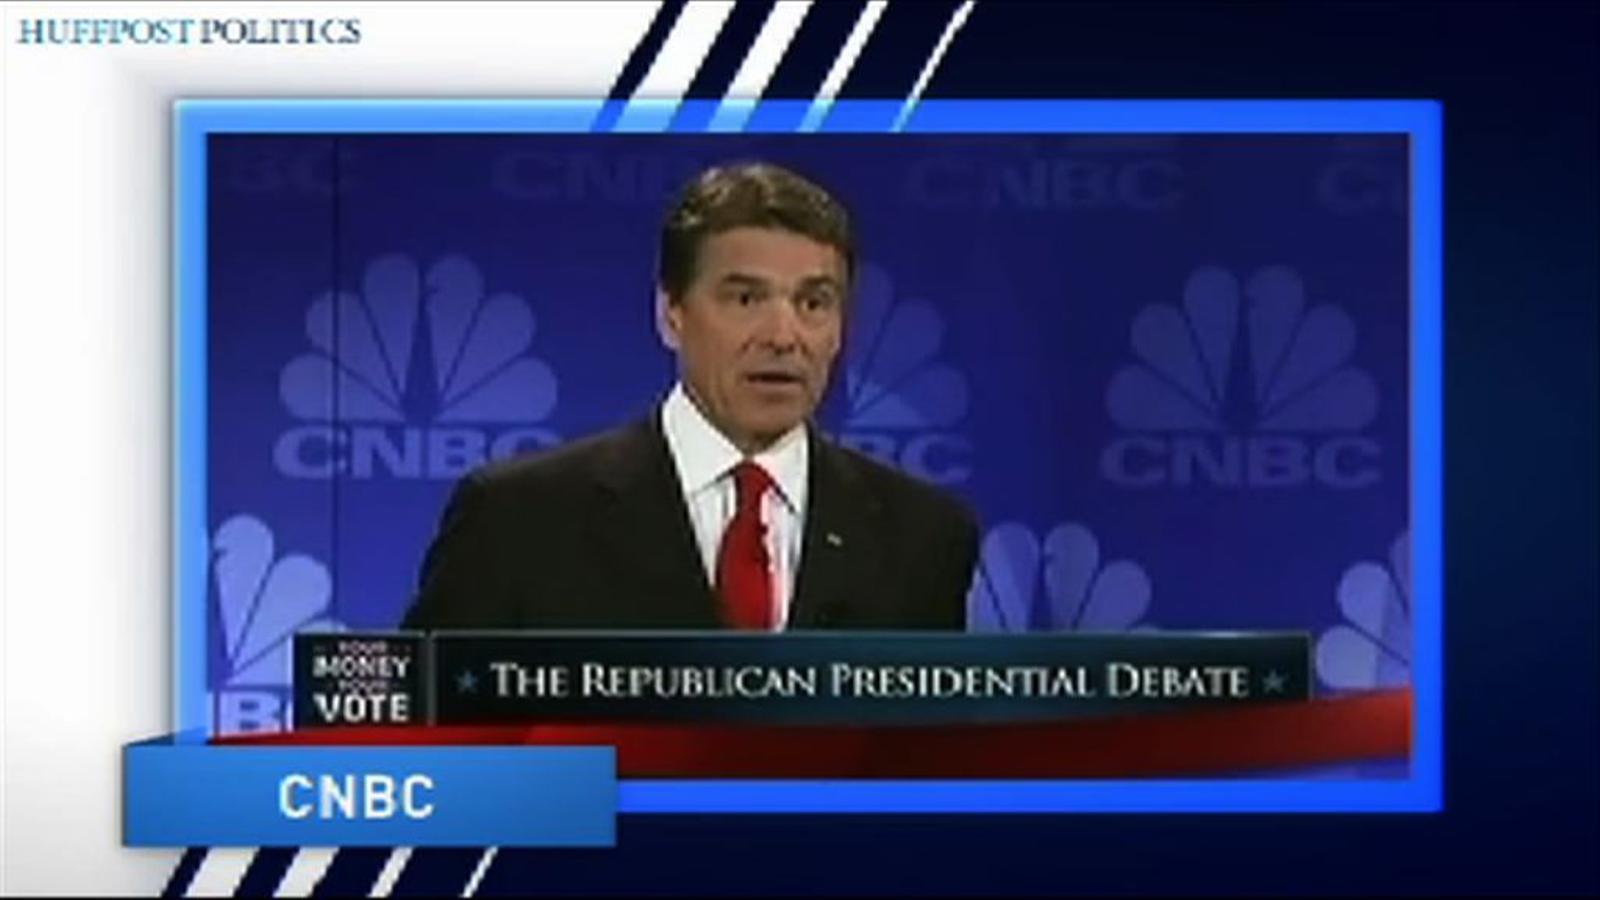 El vídeo que enfonsa la carrera del republicà Rick Perry com a aspirant a la Casa Blanca